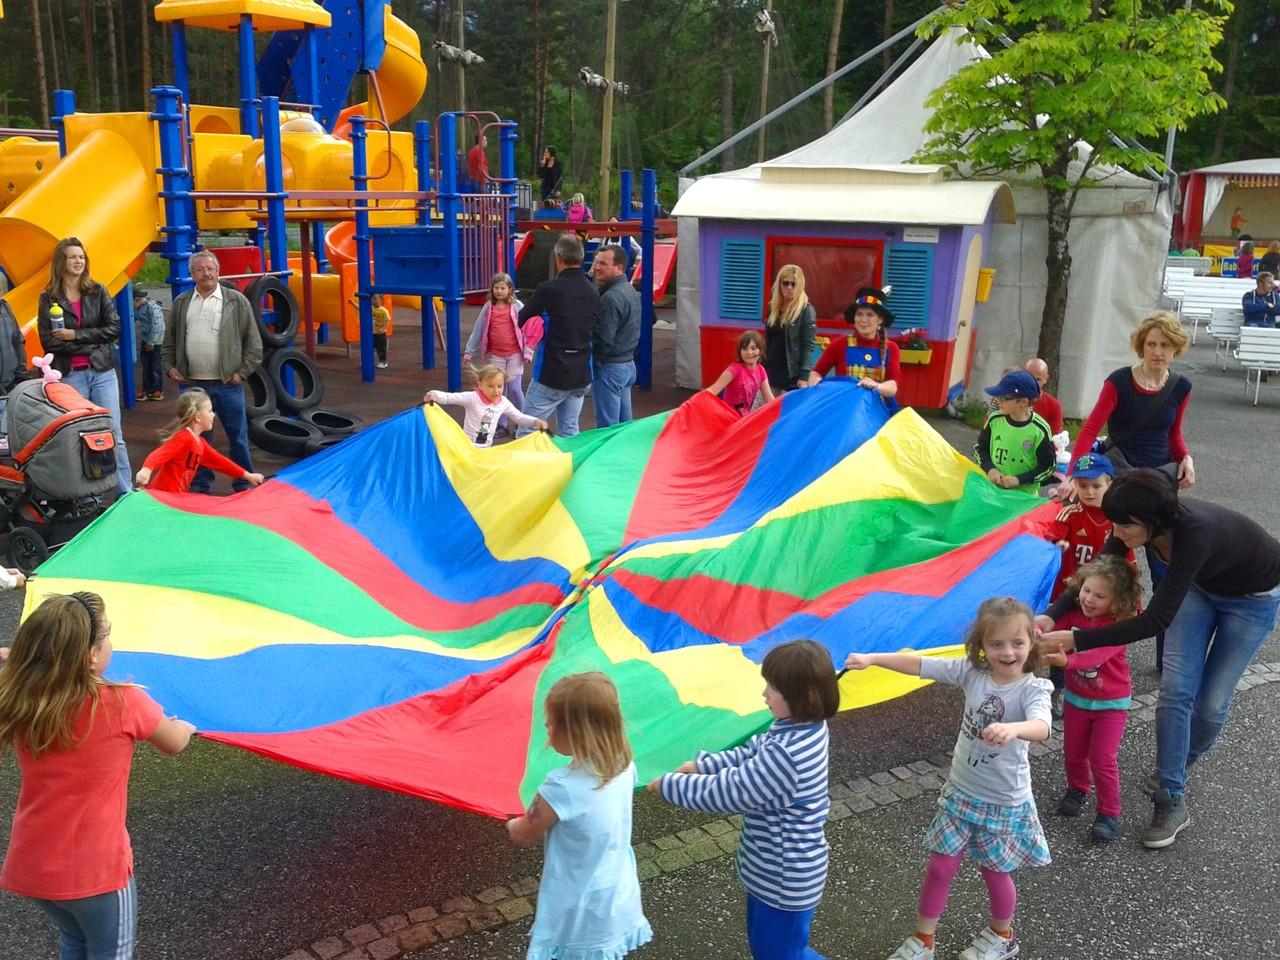 Schwungtuch mit den Kinder Mit-mach-Zirkus